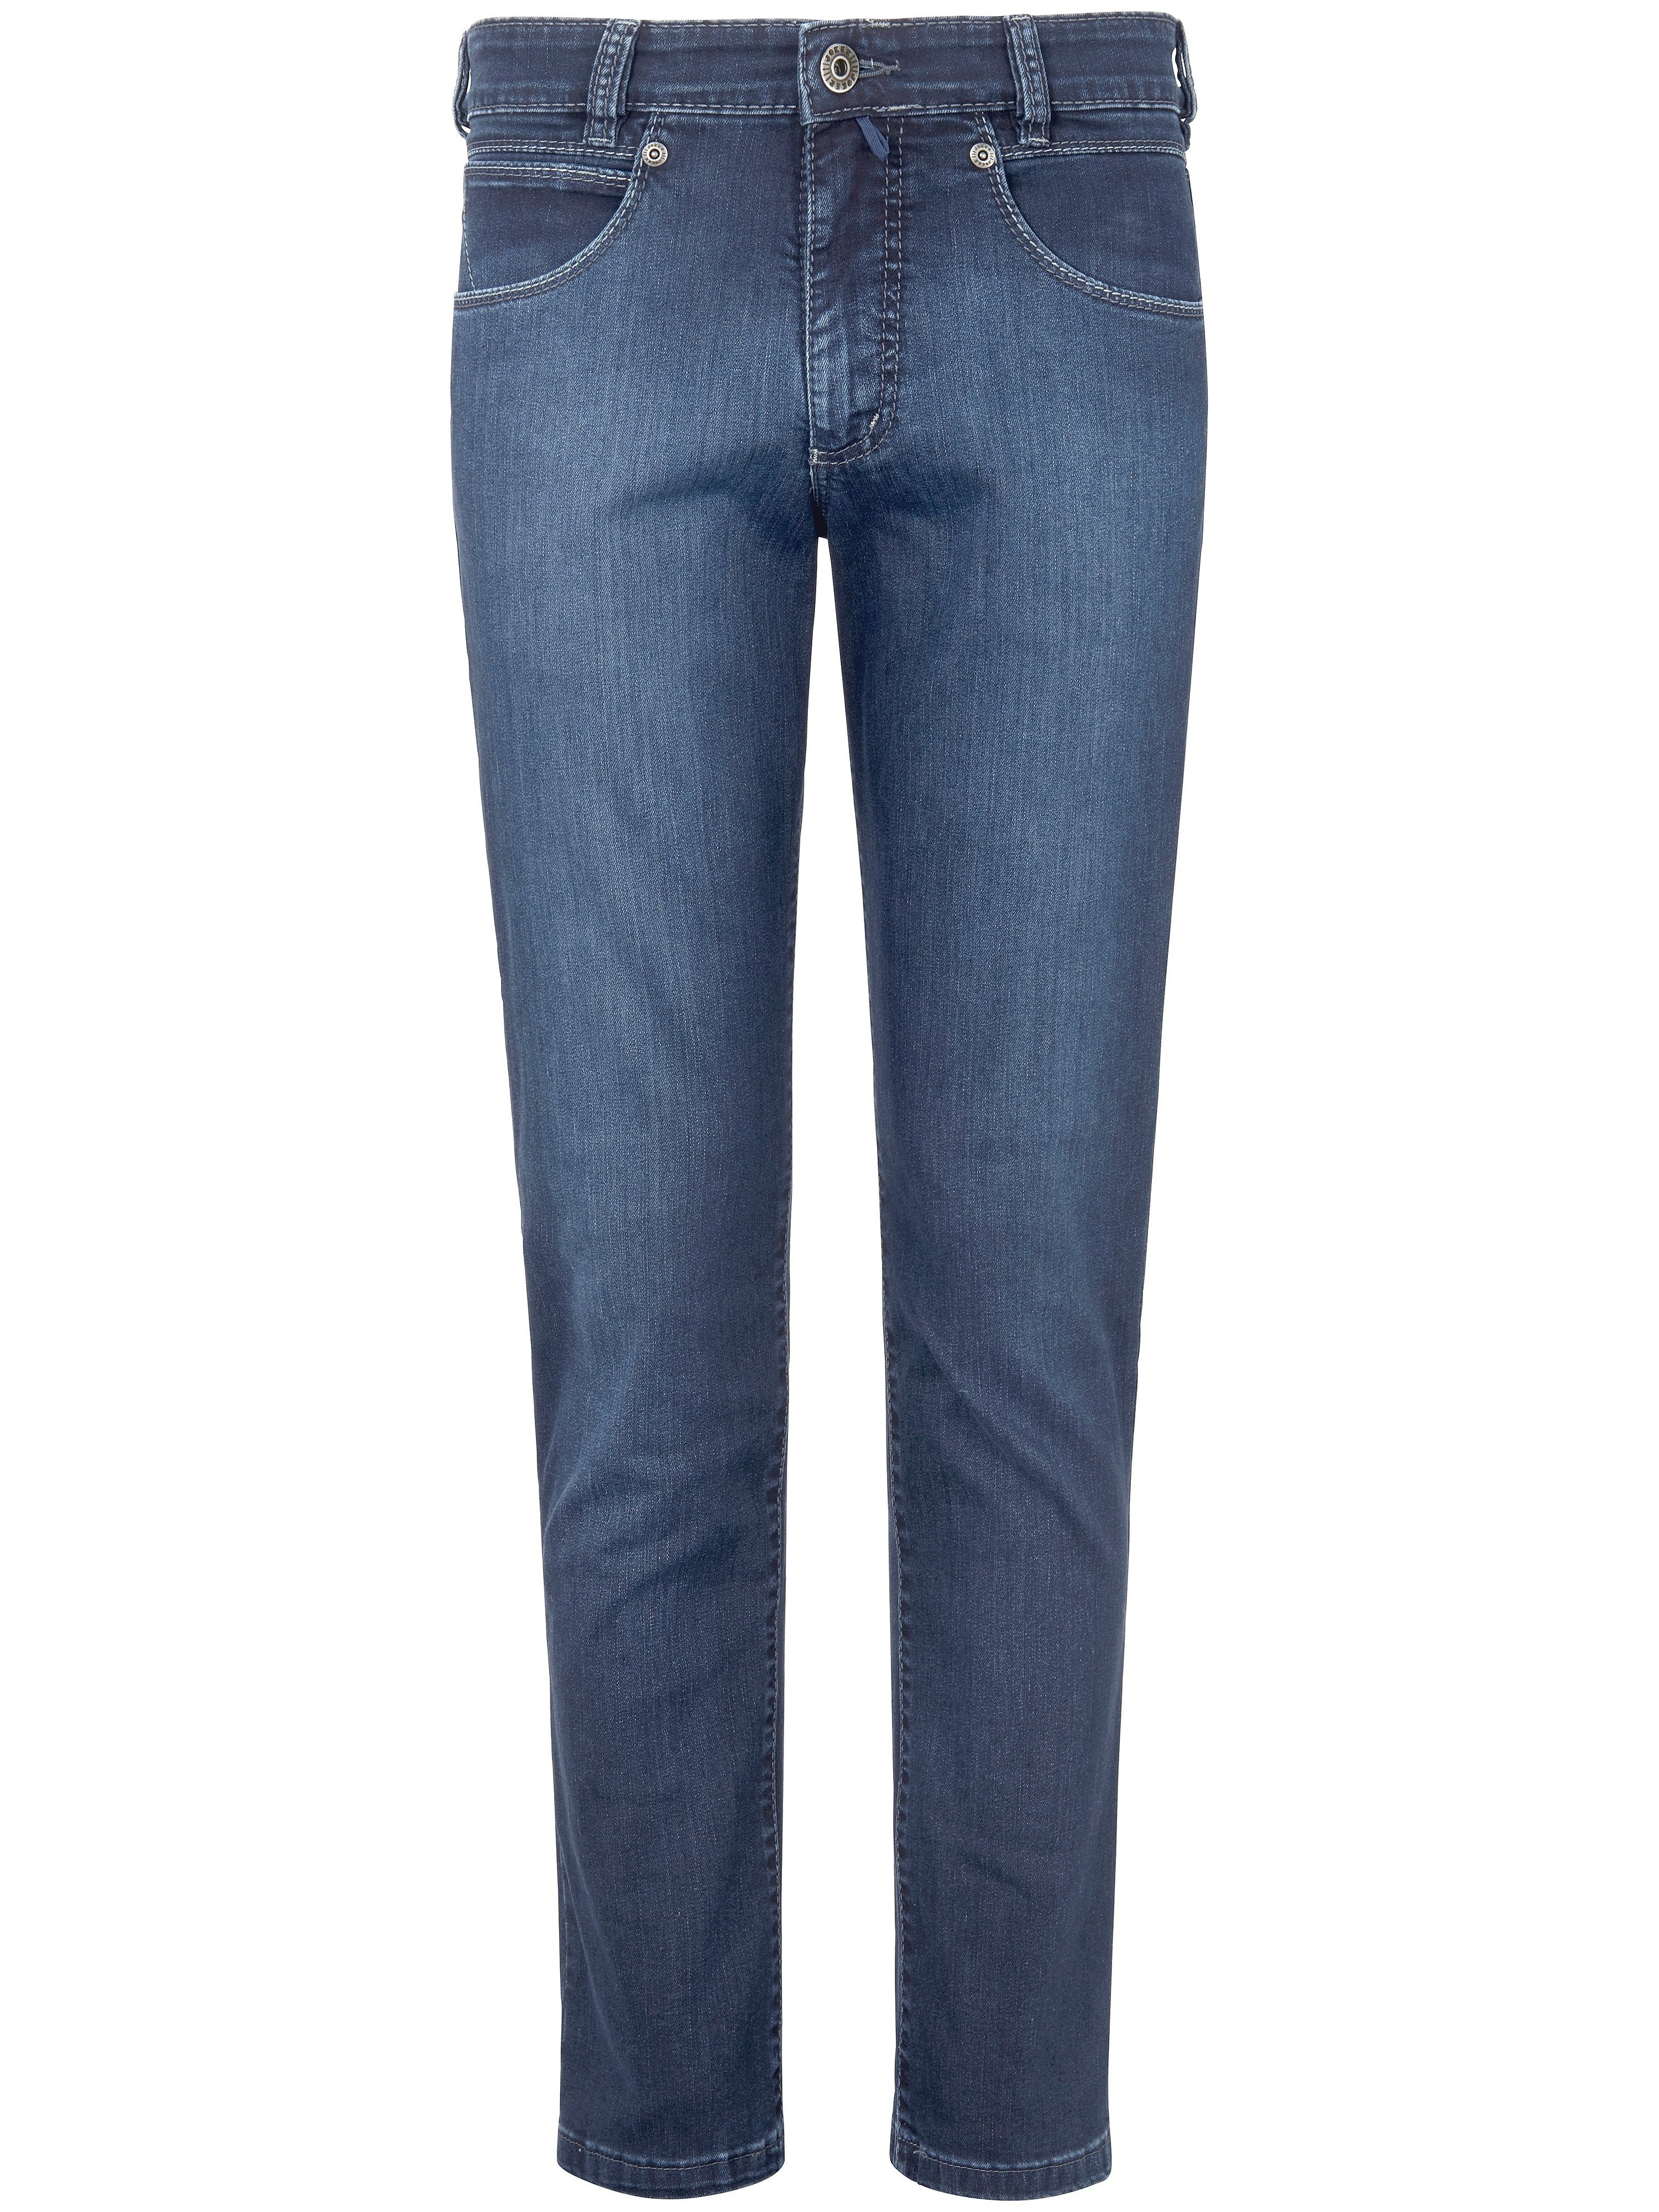 Jeans model Freddy inch 32 Van JOKER blauw